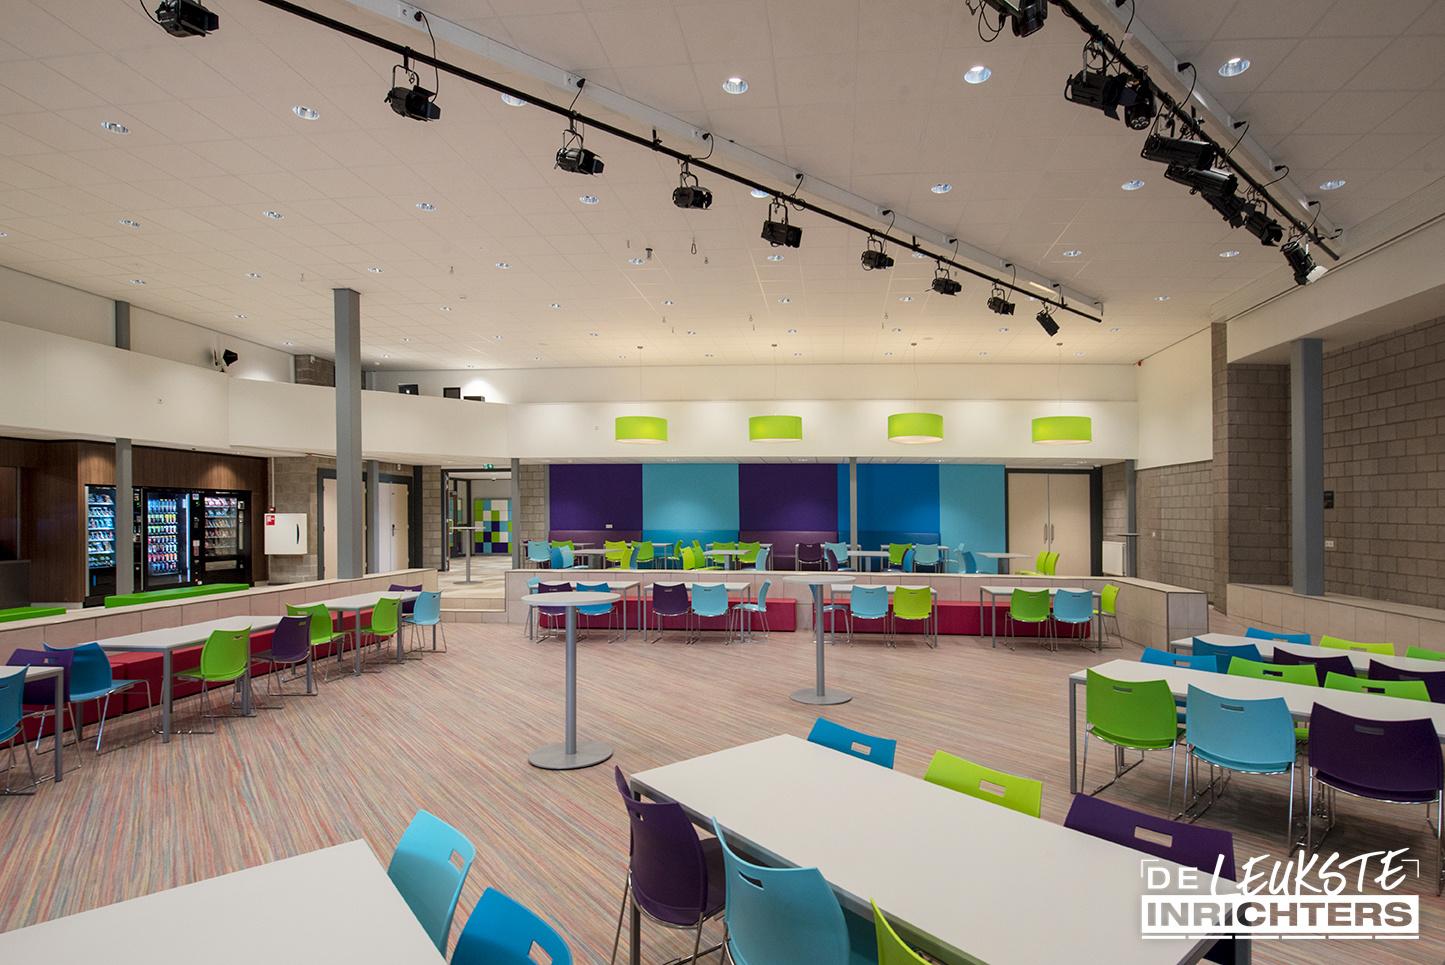 Alfrink aula hal gang ontwerp inrichting 8